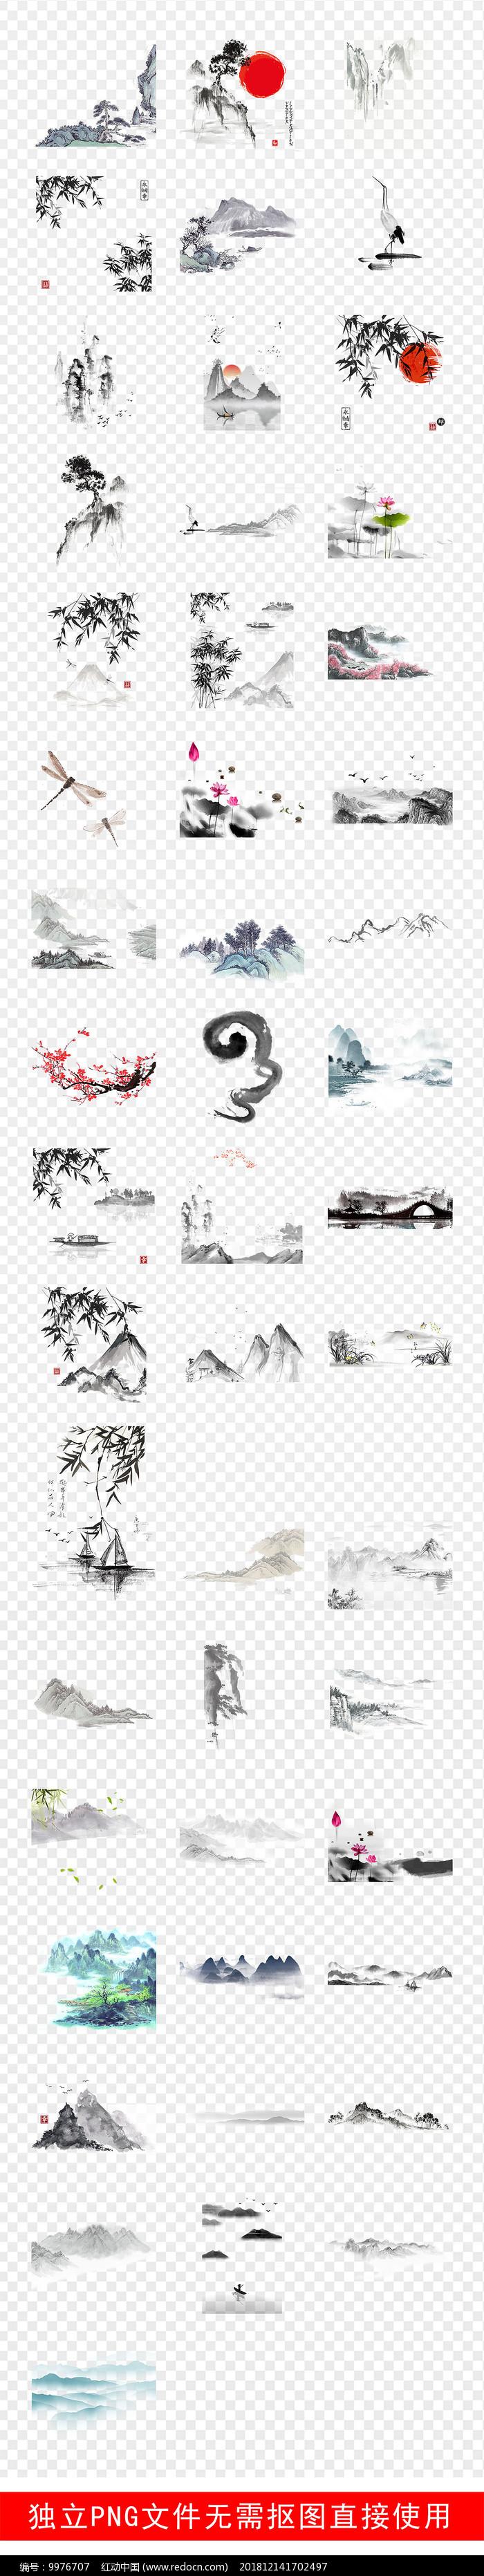 古典古风水墨山中国风装饰素材图片